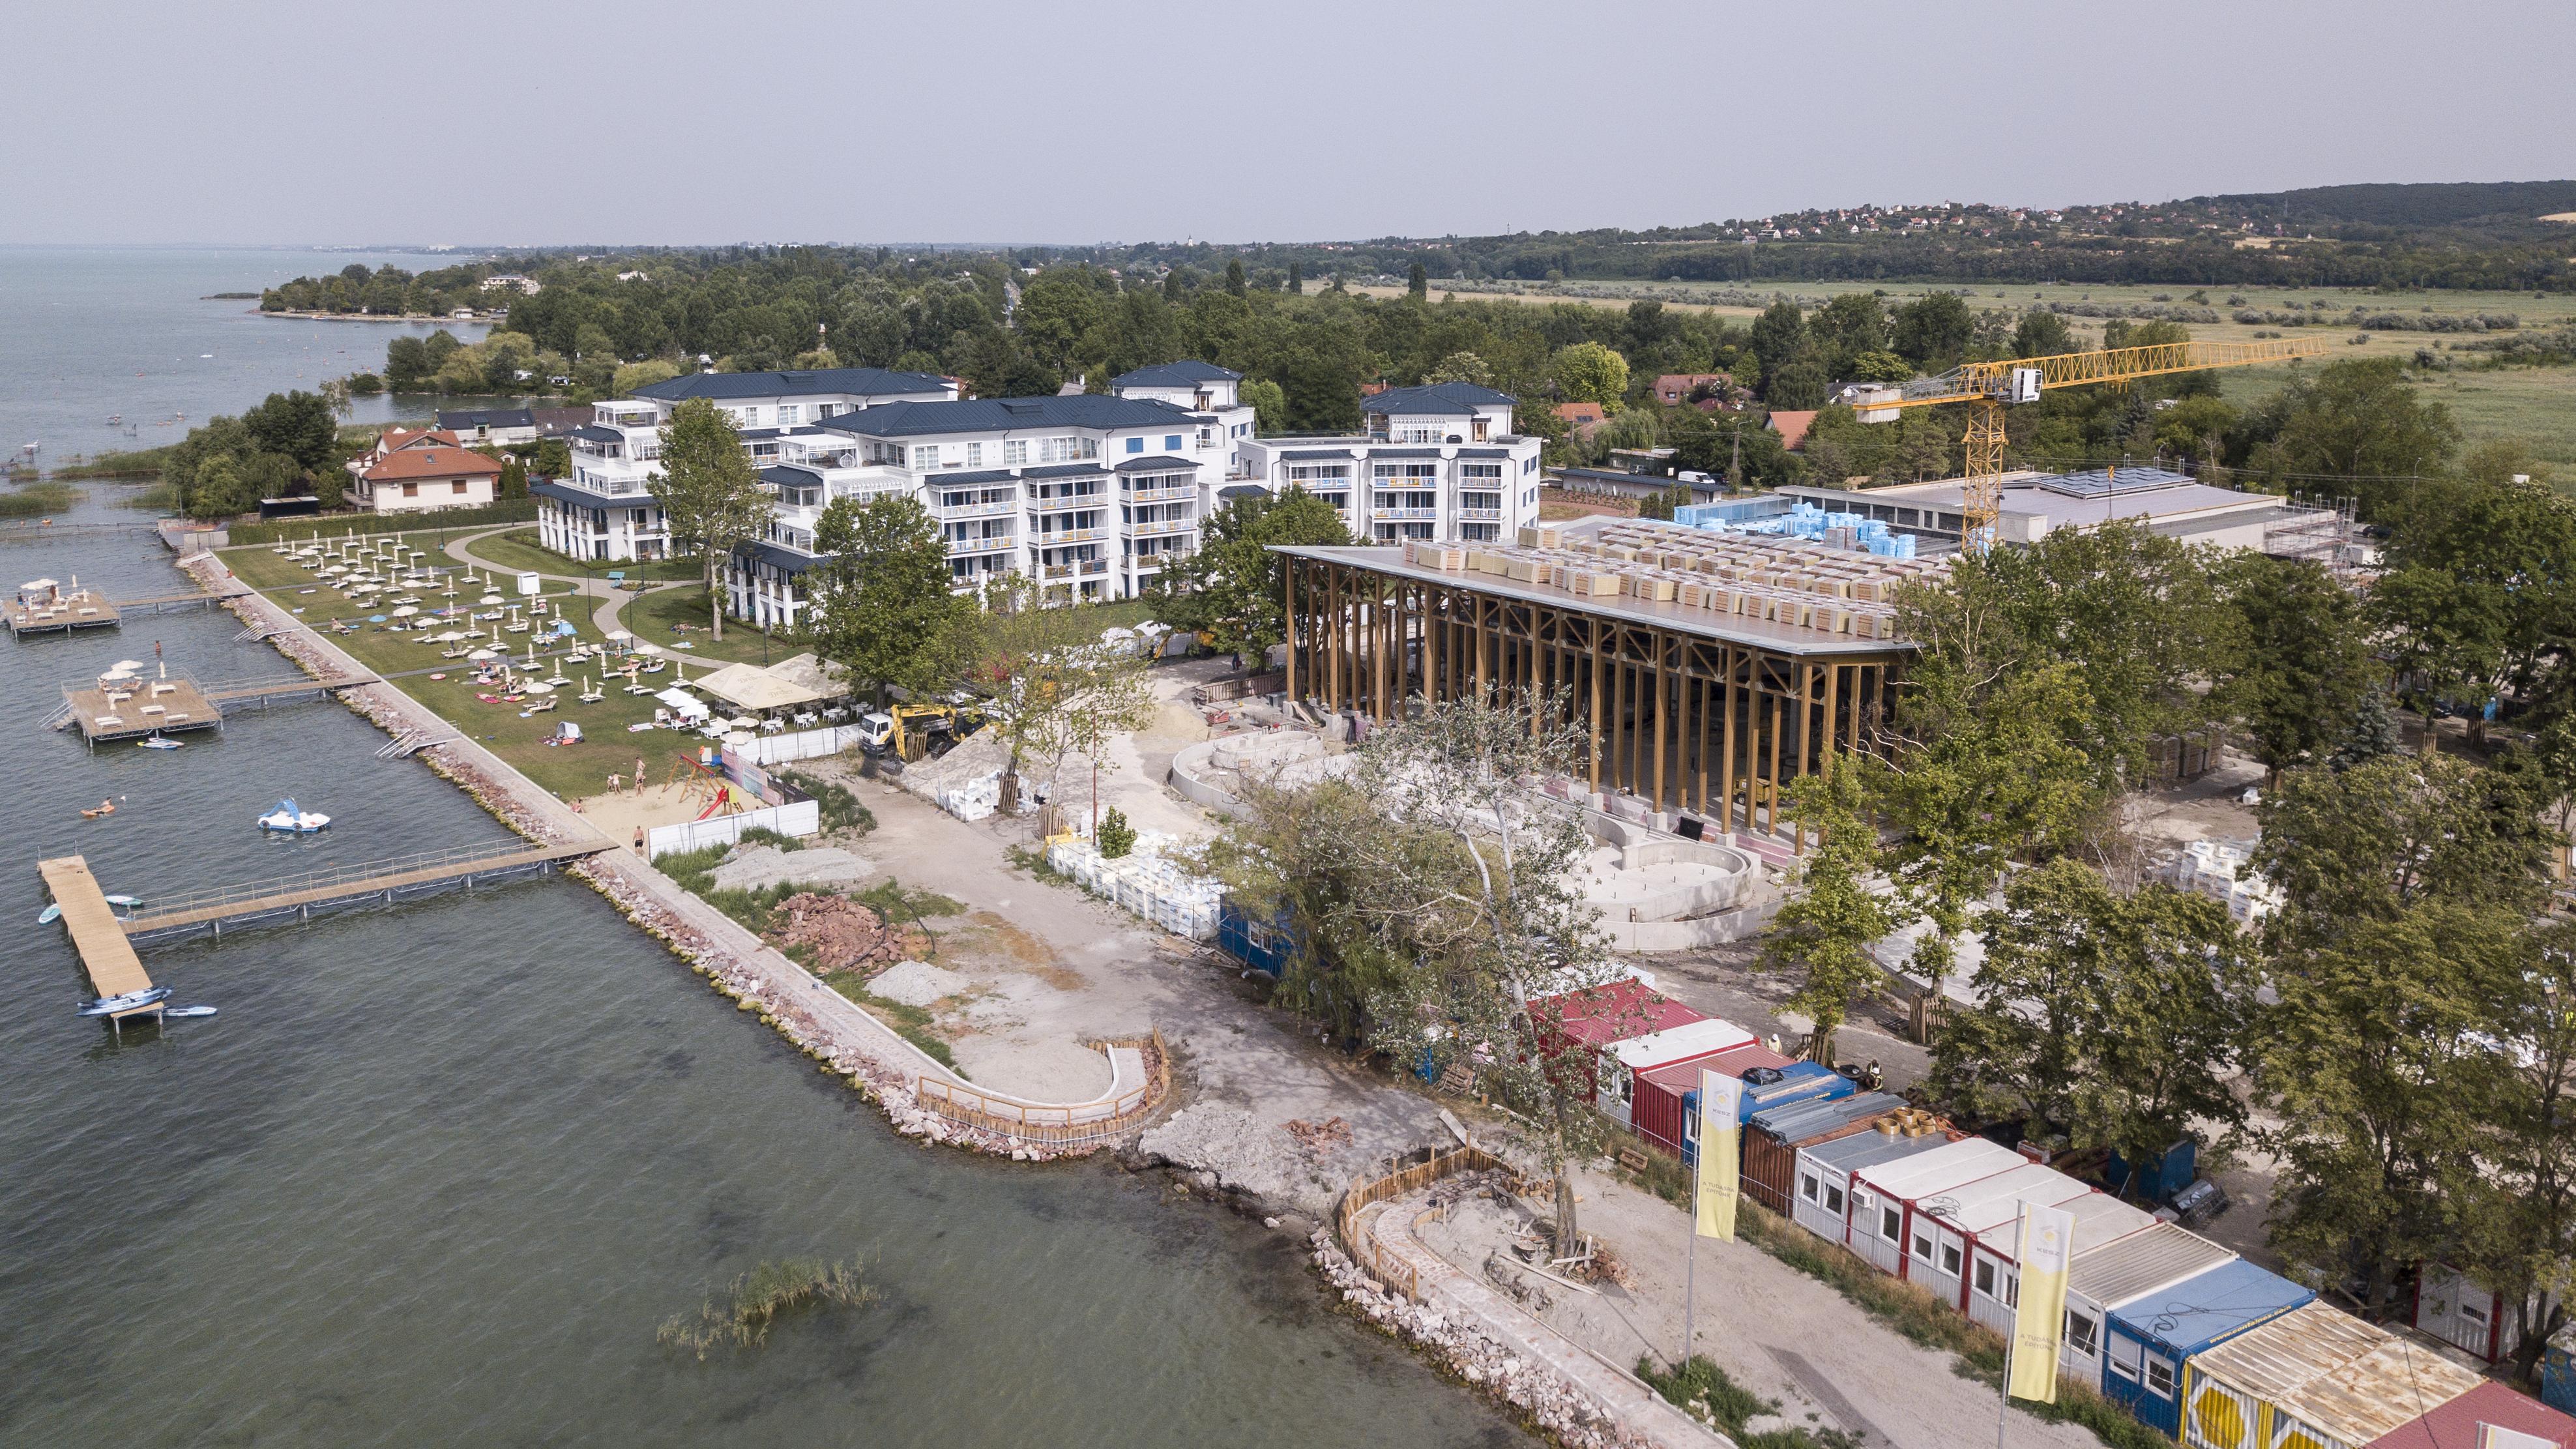 Hiába a rendelet, elvette a Balaton-partot a szántódiaktól a Balaland luxustelep